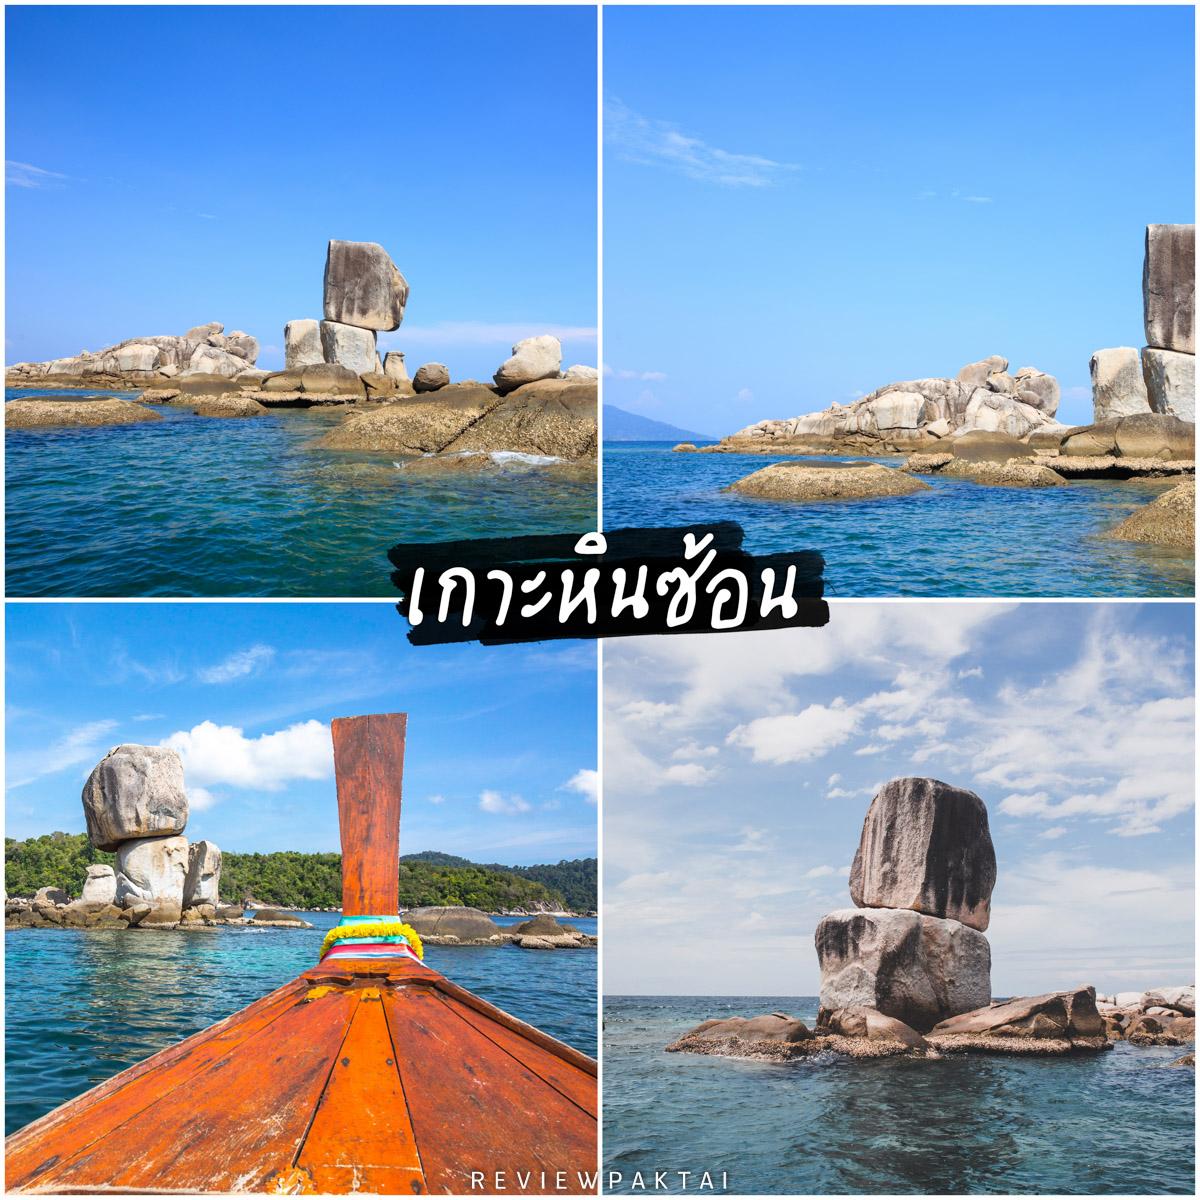 เกาะหินซ้อน ชมโขดหินกลางทะเลและดำน้ำดูปะการังรอบเกาะ รายละเอียด คลิก  จุดเช็คอิน,หลีเป๊ะ,สตูลสดยกกำลังสาม,satunwonderland,เที่ยวเมืองไทยAmazingกว่าเดิม,ชีพจรลงSouth